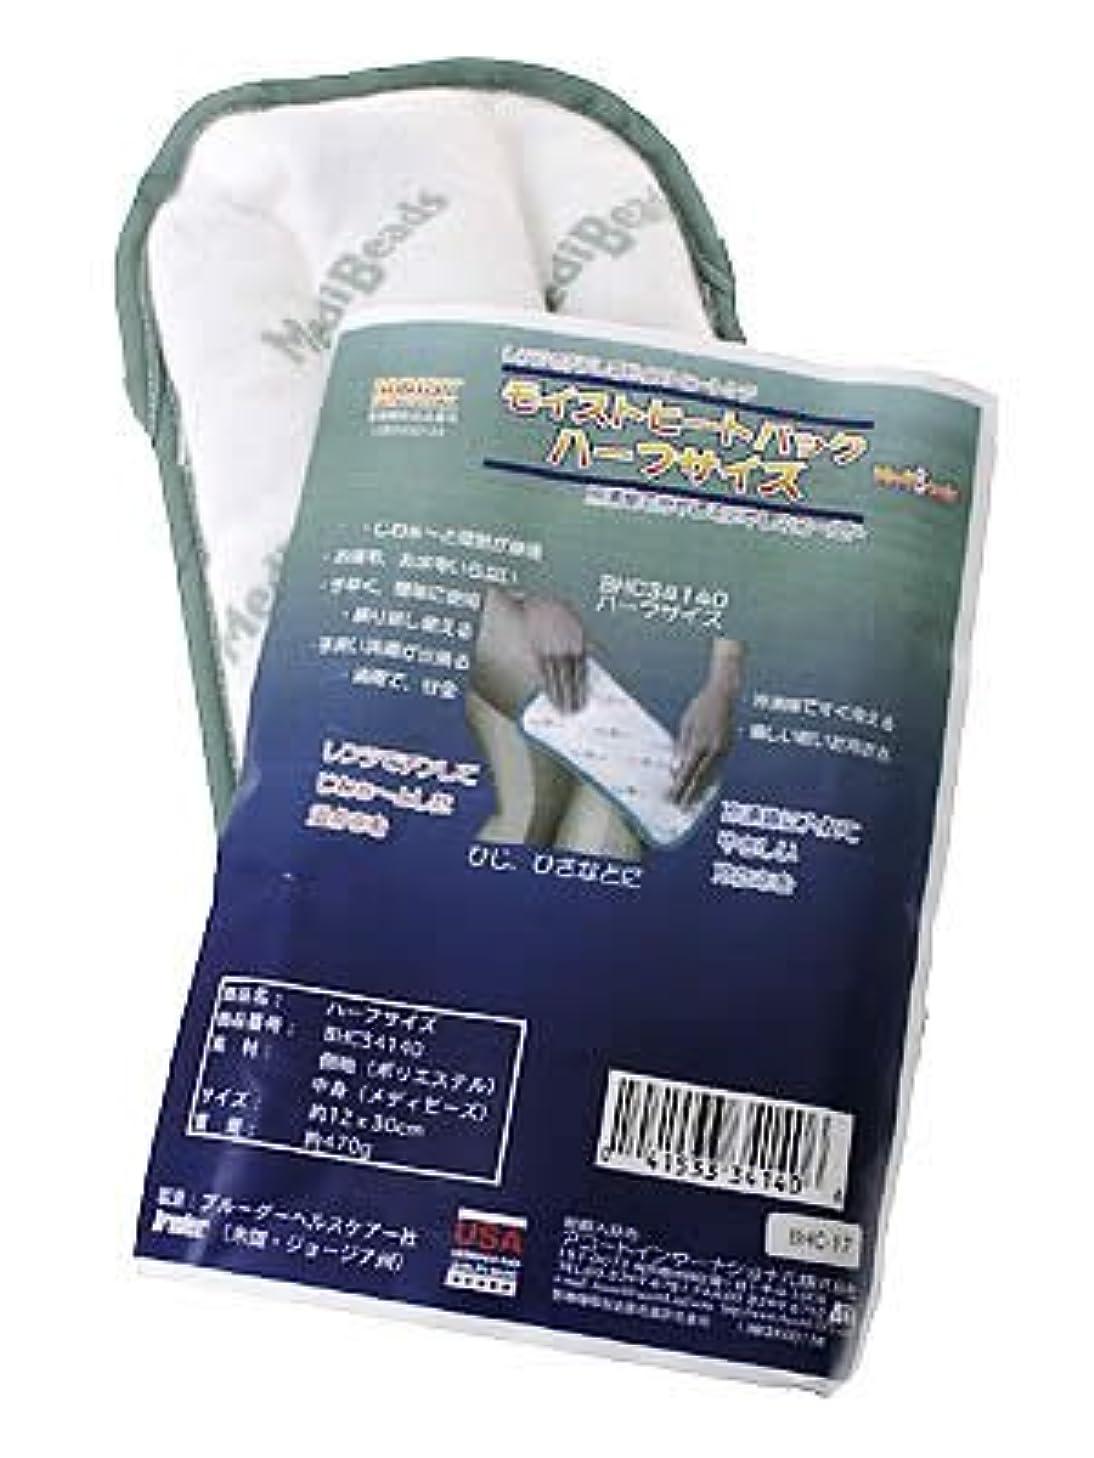 【一般医療機器】アコードインターナショナル (BHC34140) モイストヒートパック メディビーズ (ハーフサイズ) 12×30cm 温湿熱パック 温熱療法